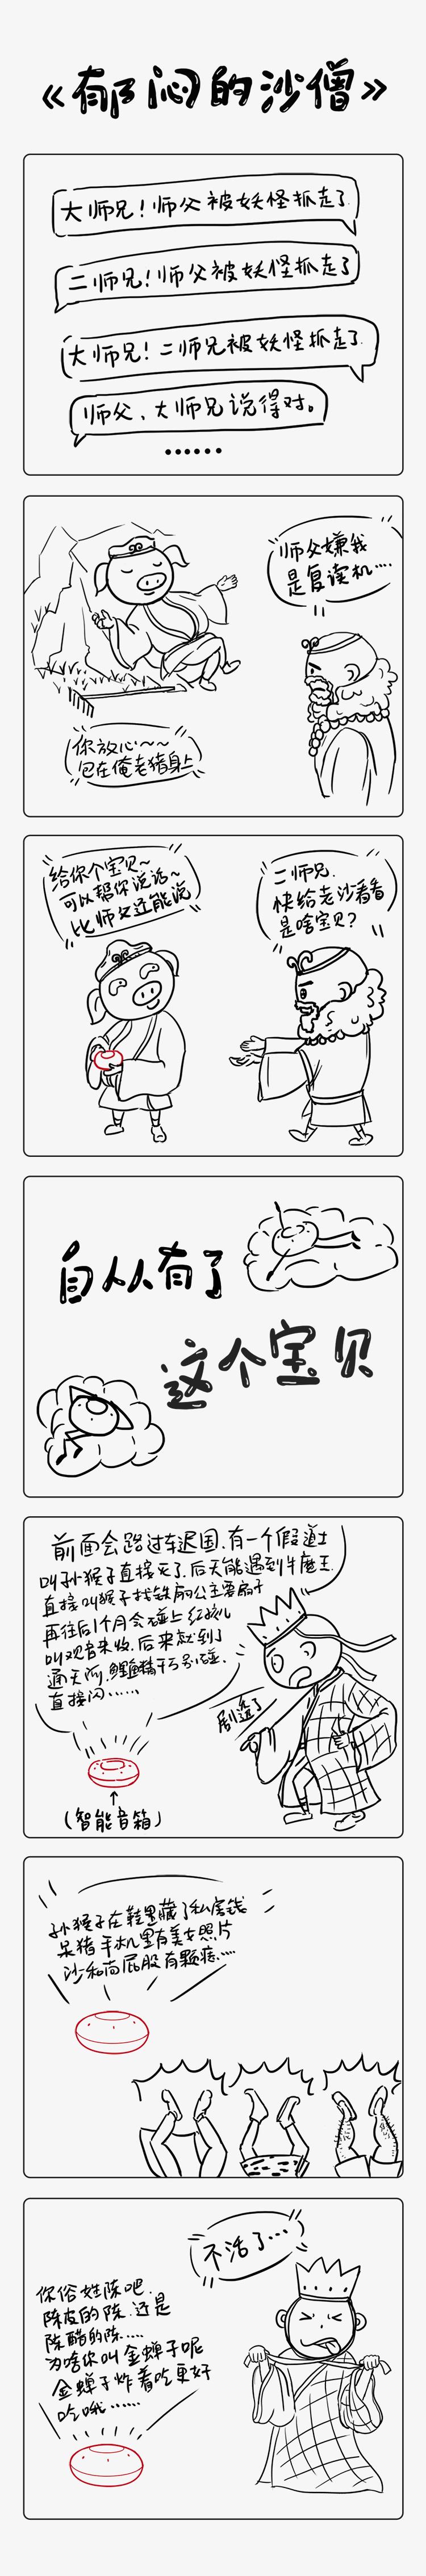 漫画4.jpg